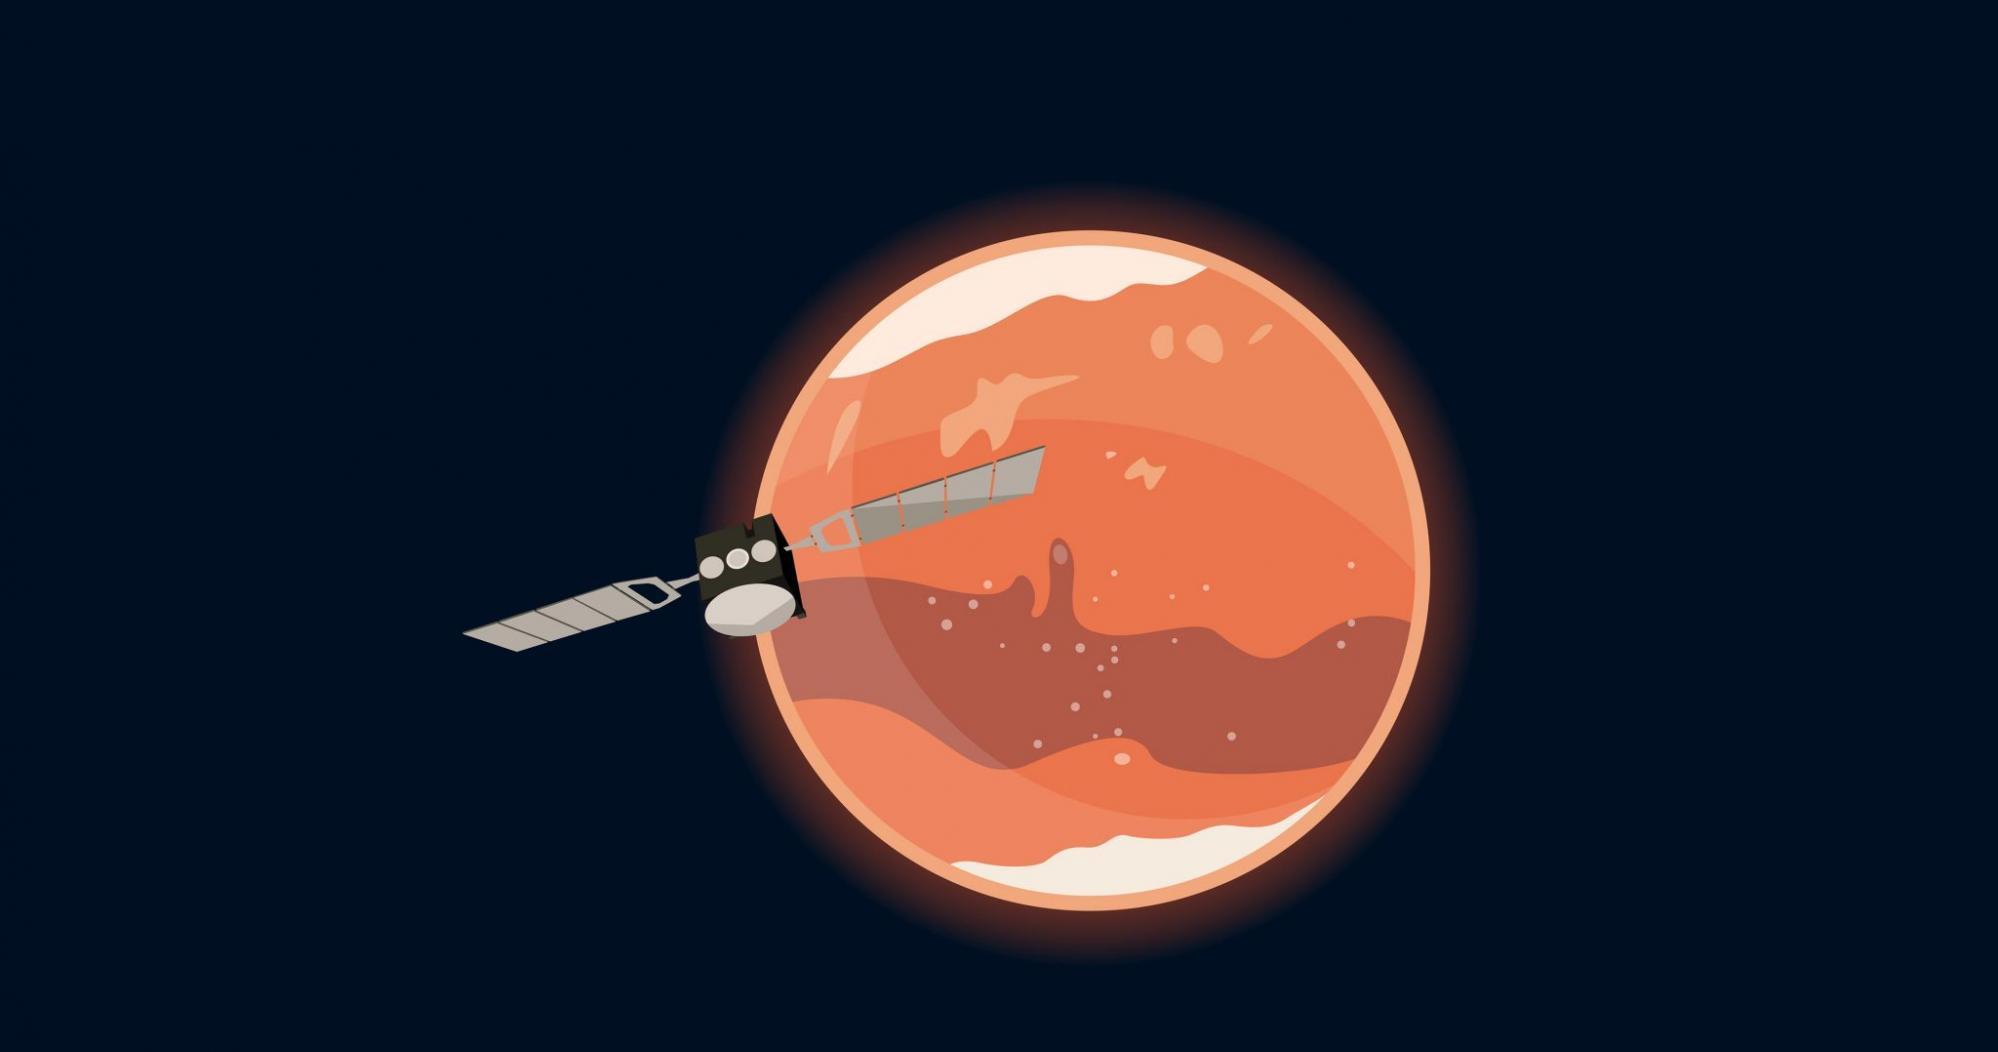 对火星大气中臭氧和水蒸气的长期研究可能有助于更好地了解地球的大气化学